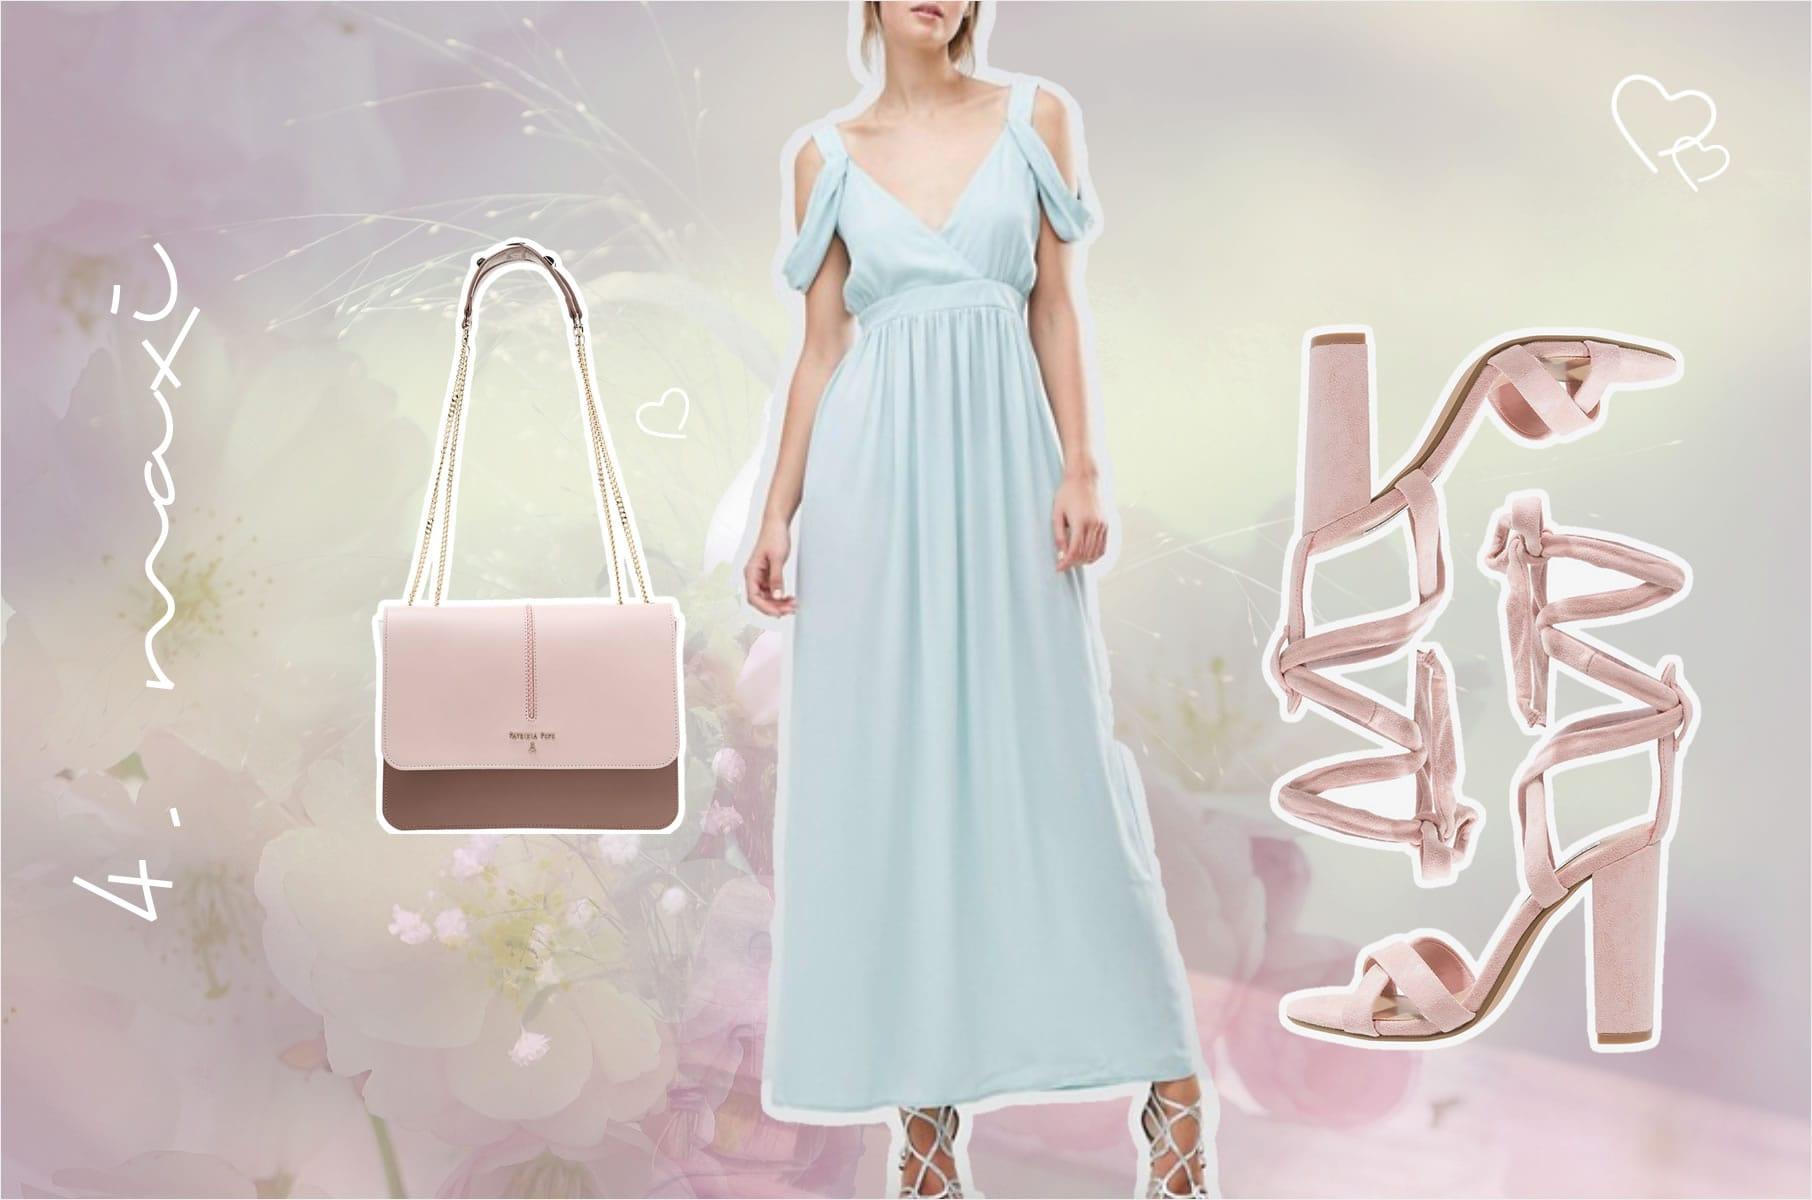 Stylische Looks Für Hochzeitsgäste Blumige Kleider Moderne